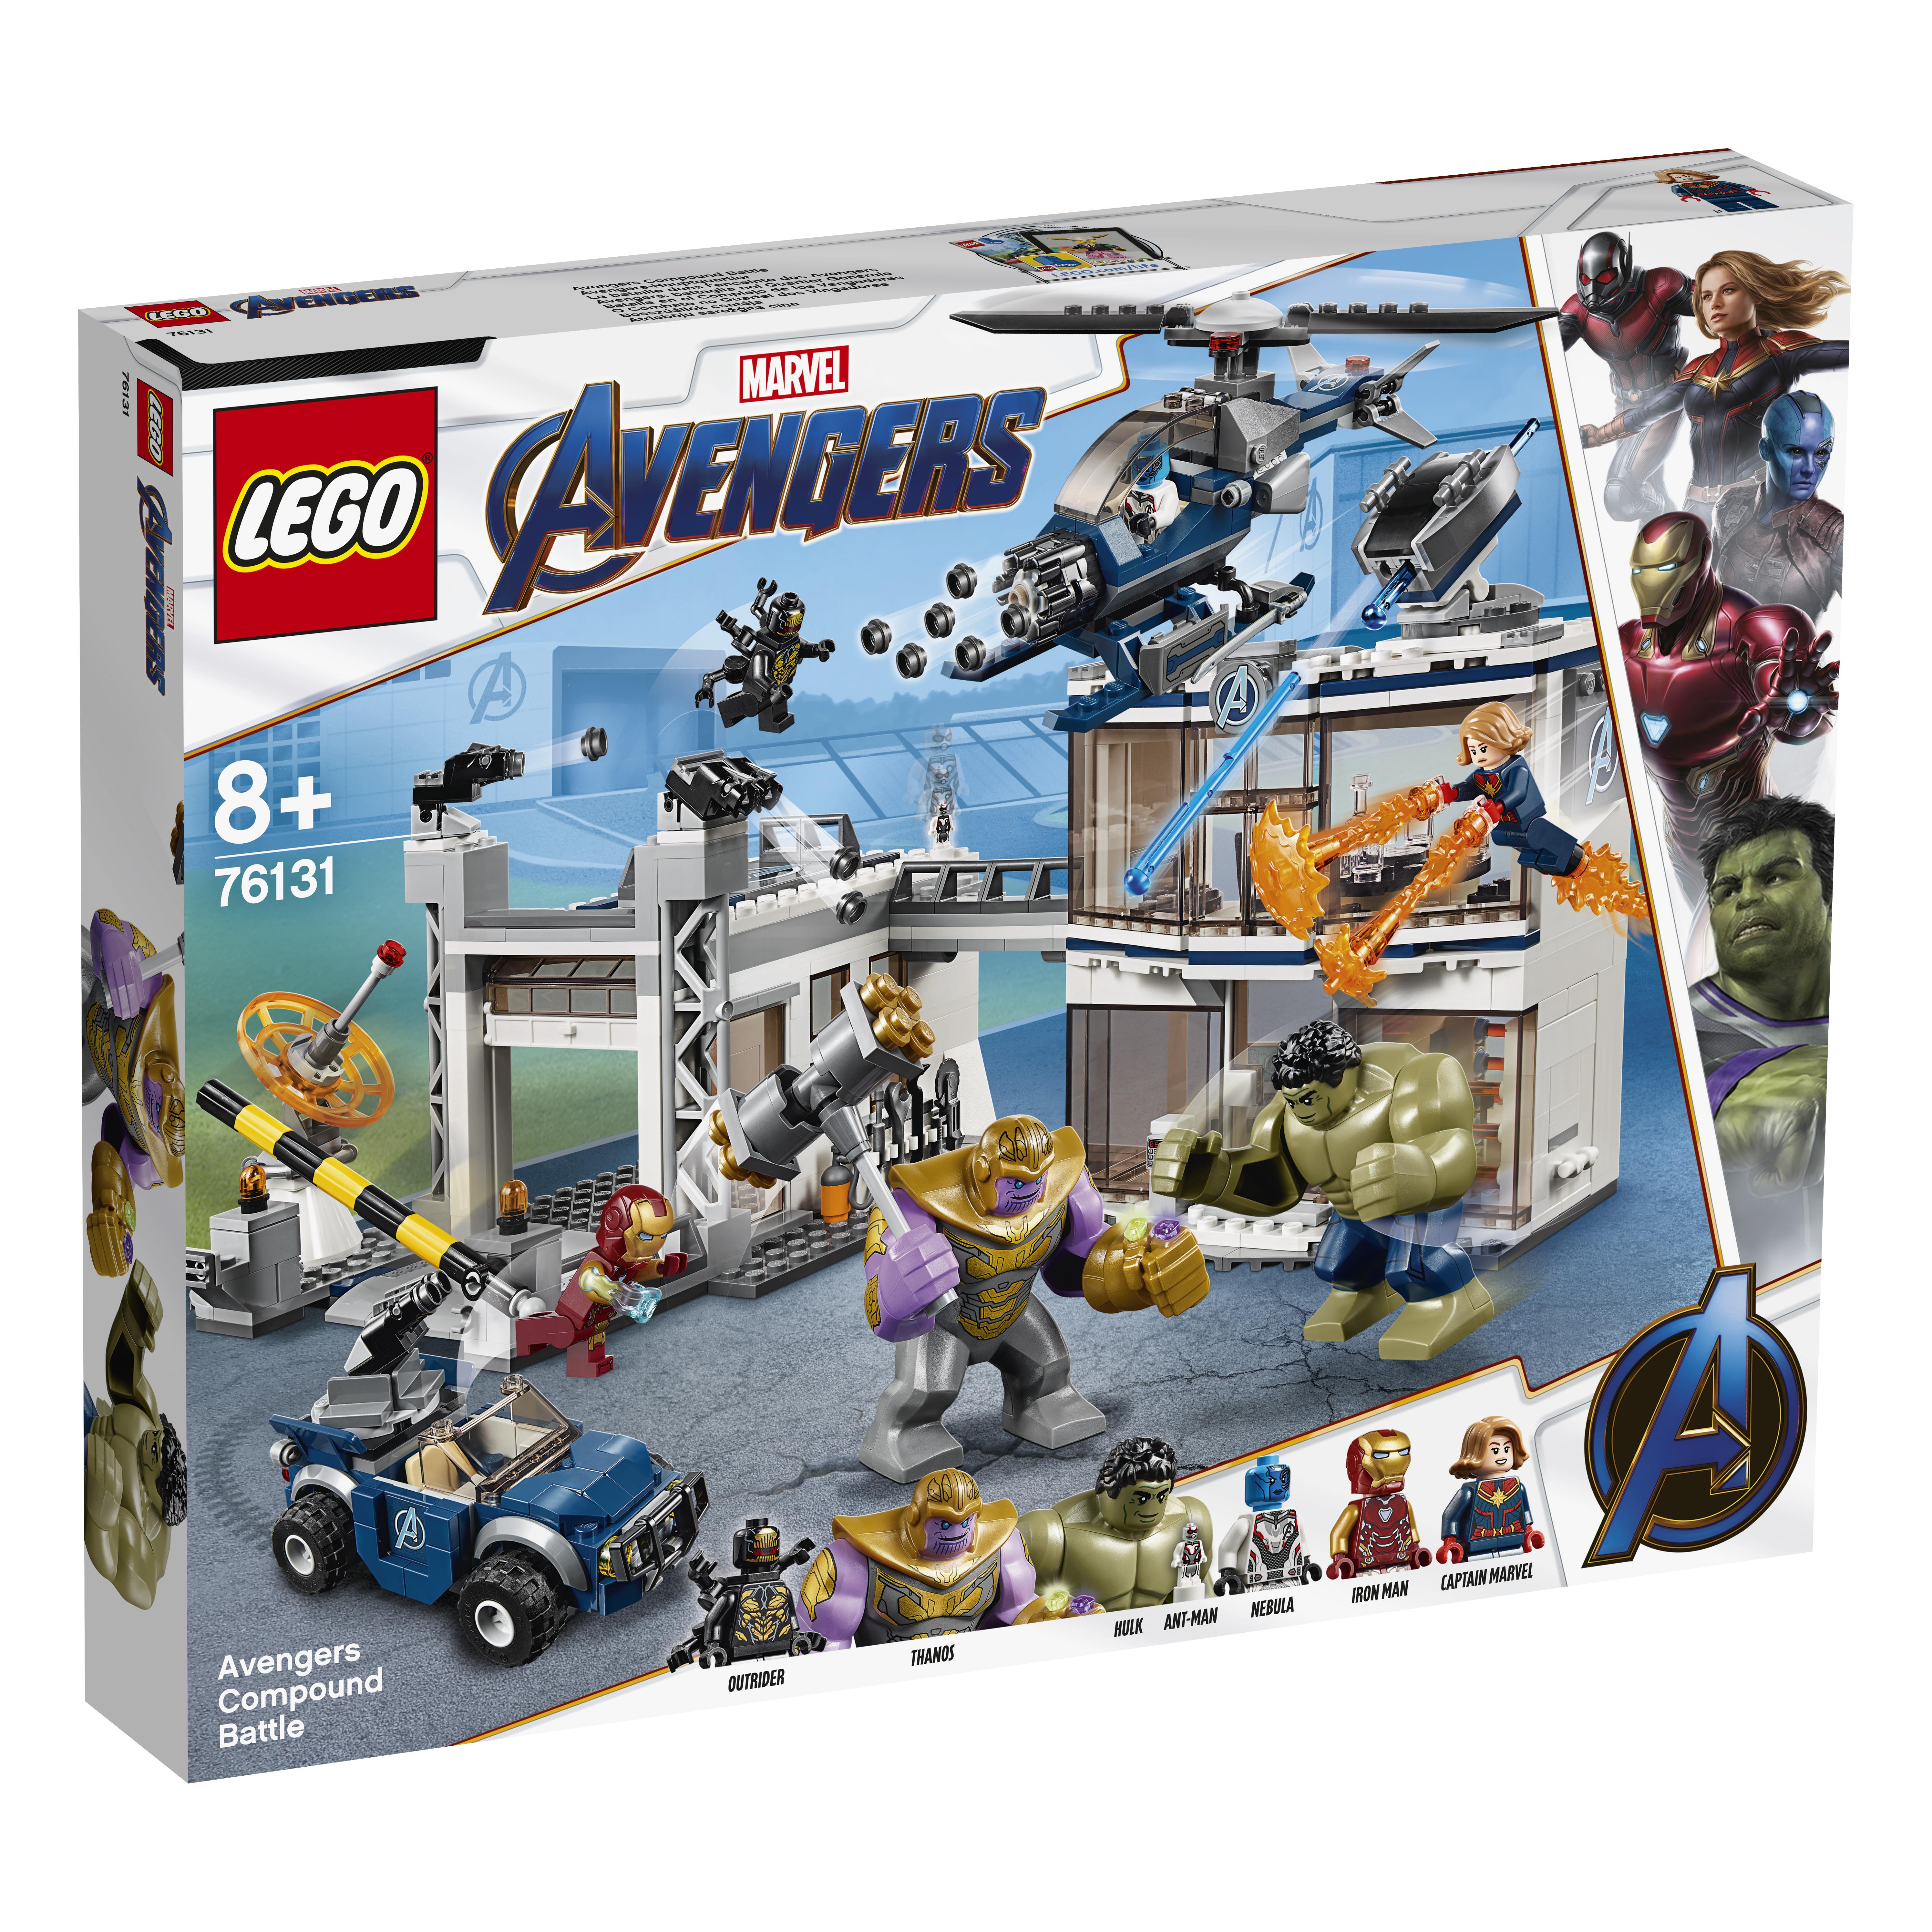 Конструктор LEGO Super Heroes 76131 Битва на базе Мстителей цены онлайн